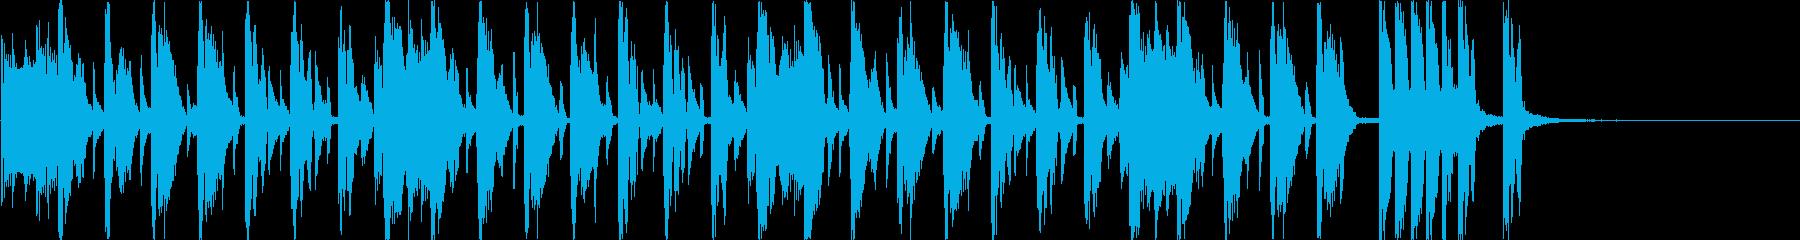 ハッピーな雰囲気のジングルv2(20秒)の再生済みの波形